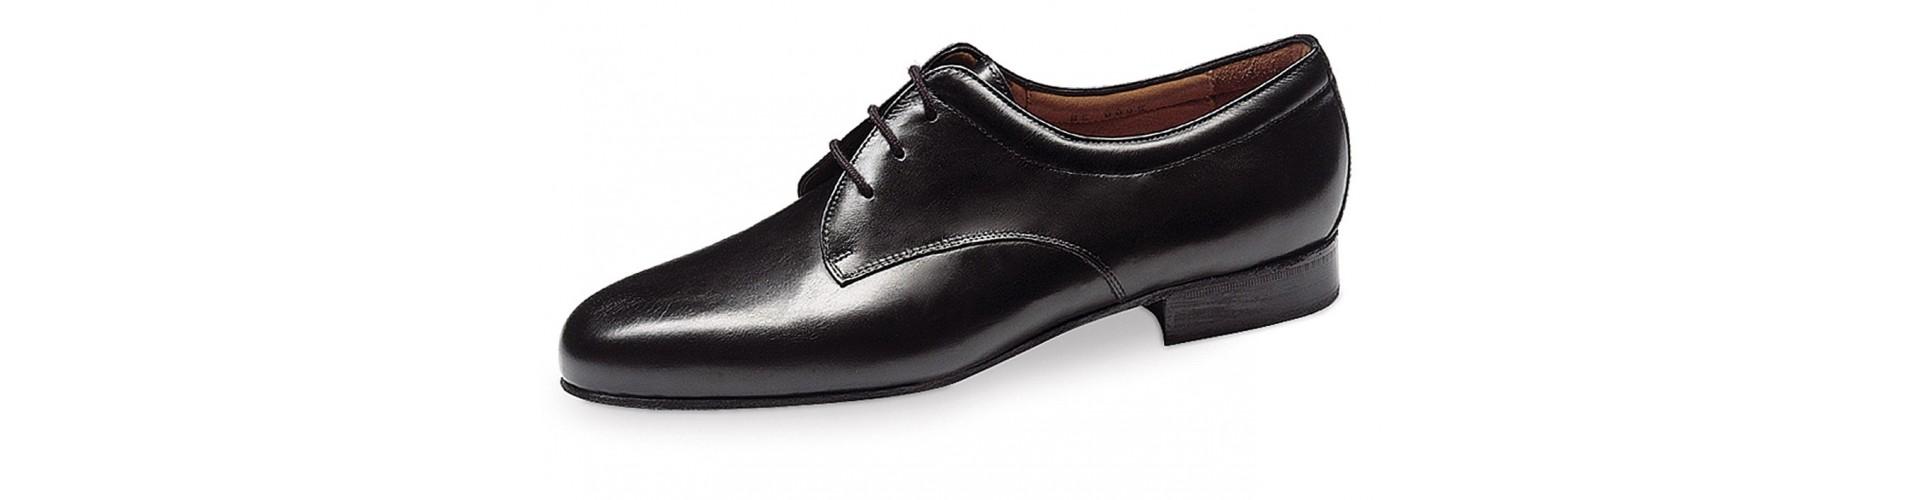 Chaussures de danse de salon homme